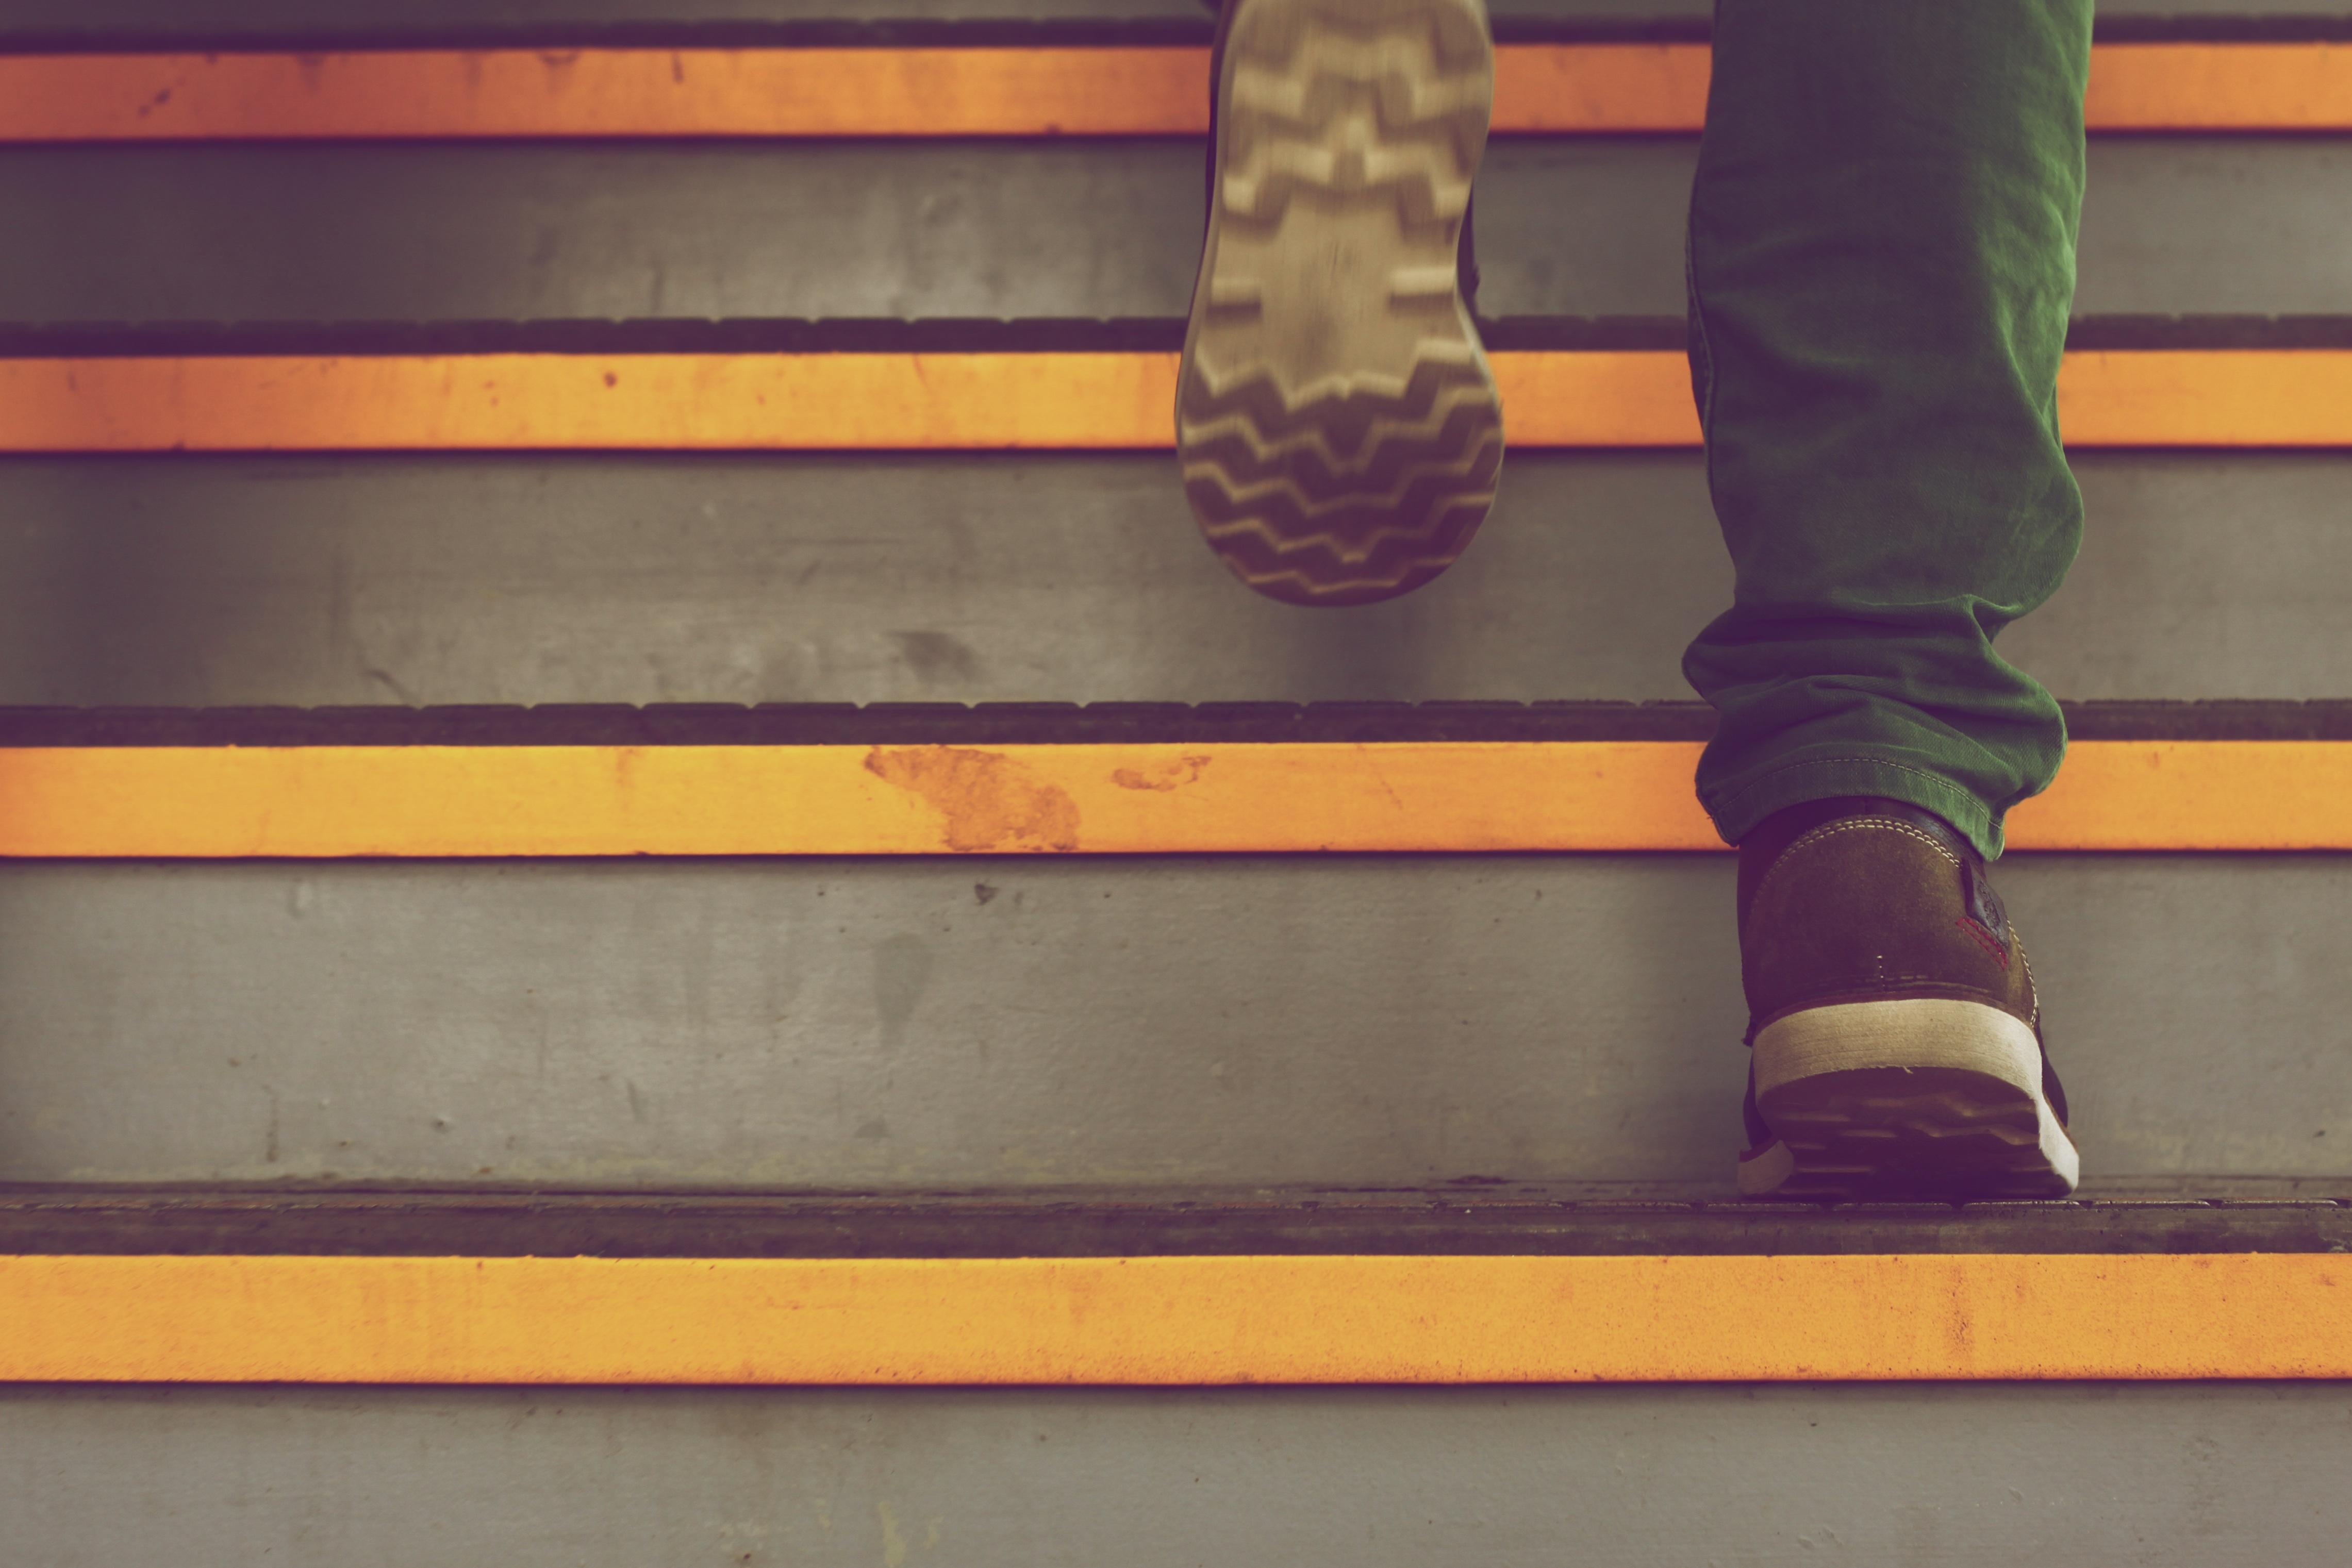 Pavimento Rosso Colore Pareti : Immagini belle scarpa legna scala pavimento numero parete